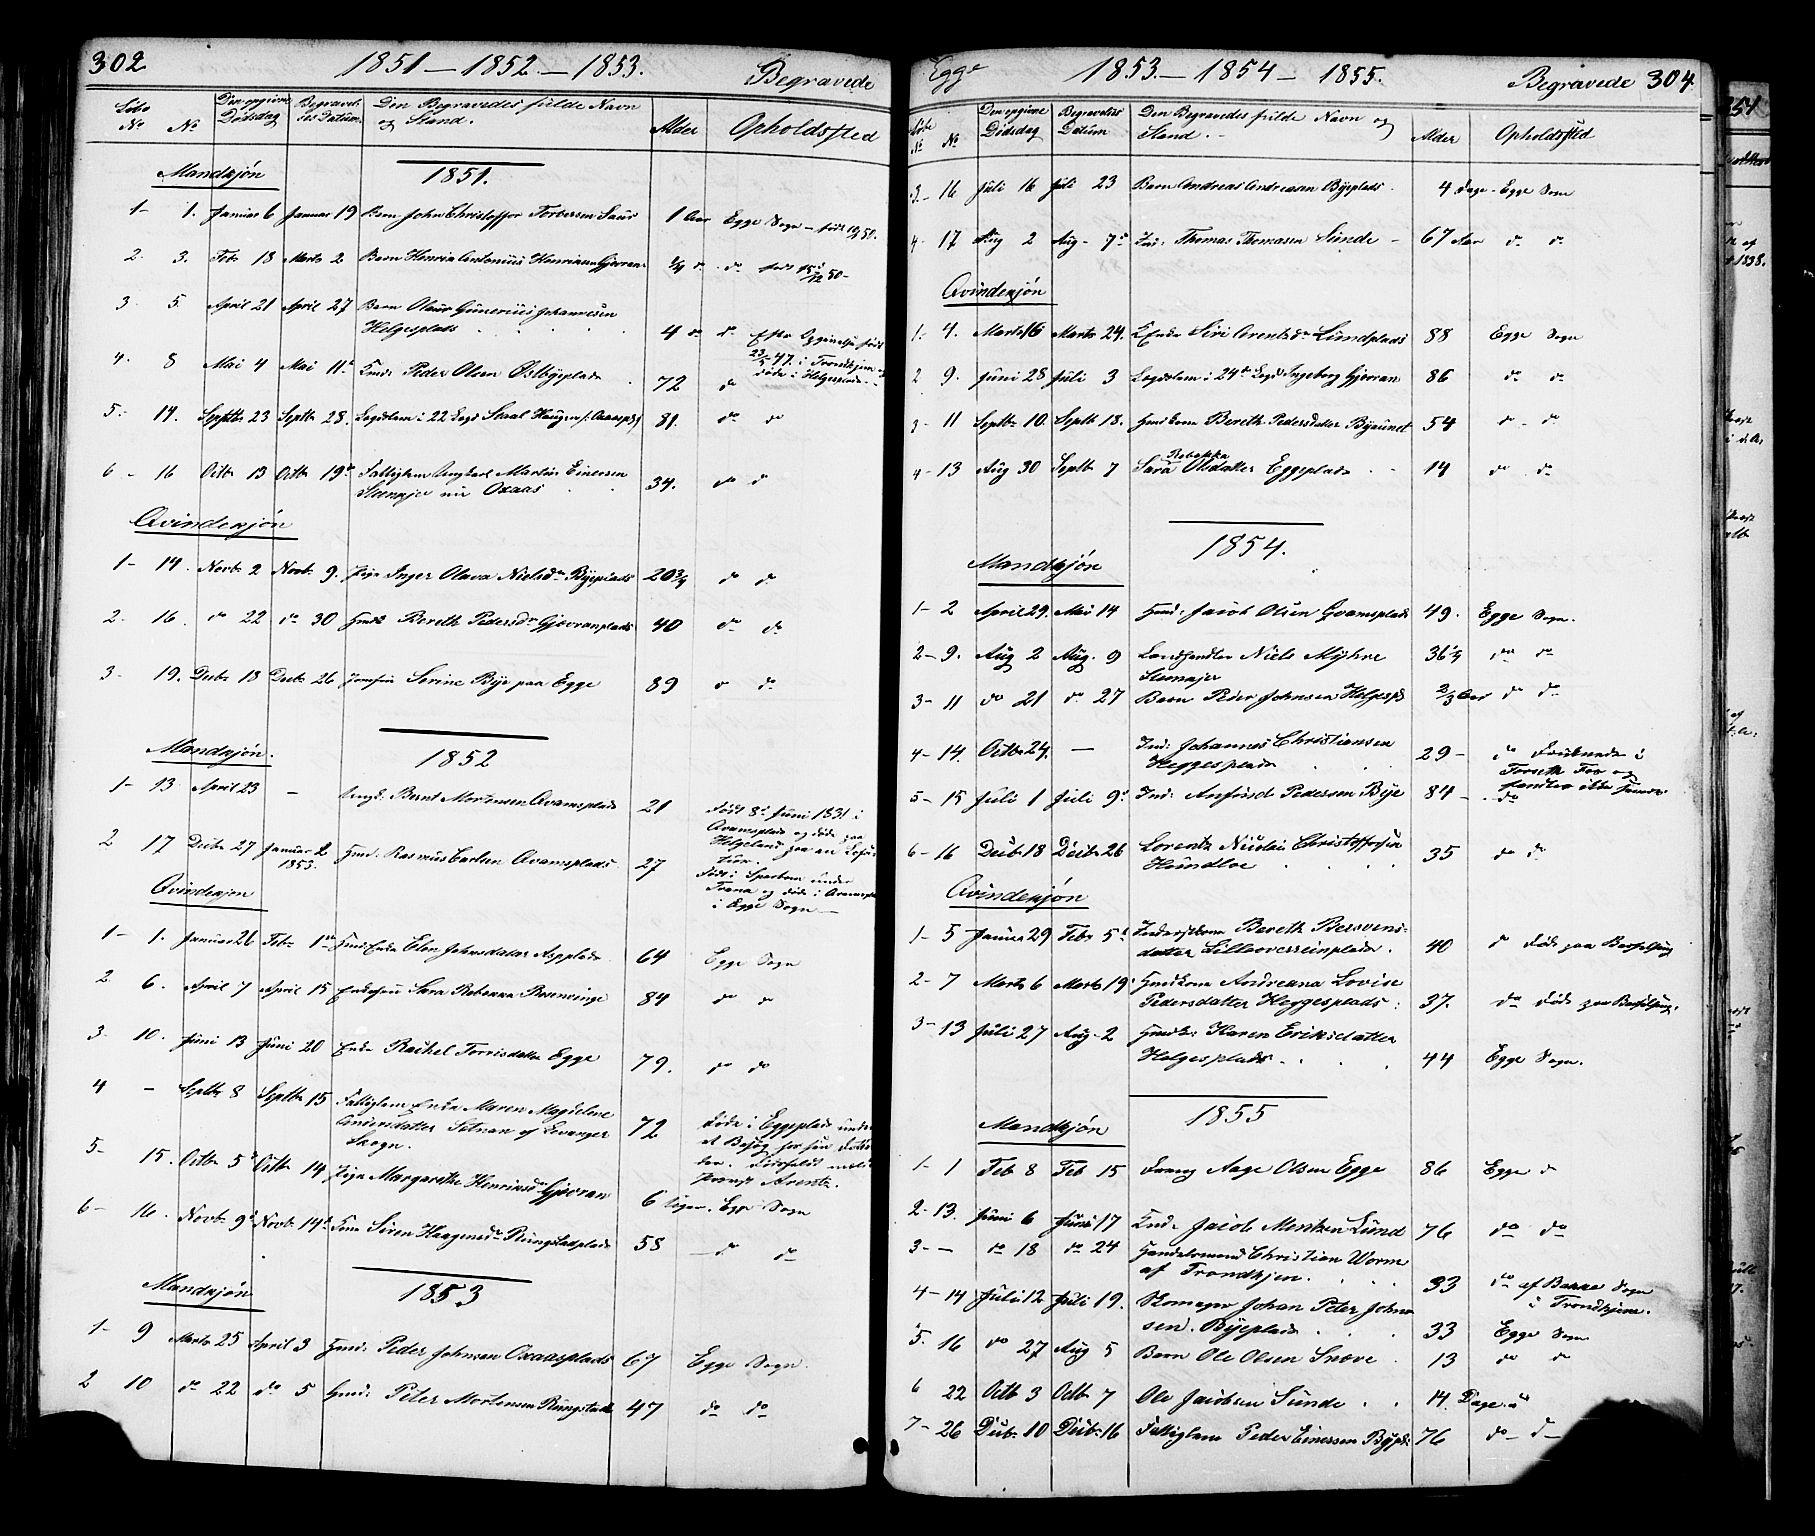 SAT, Ministerialprotokoller, klokkerbøker og fødselsregistre - Nord-Trøndelag, 739/L0367: Ministerialbok nr. 739A01 /3, 1838-1868, s. 302-303